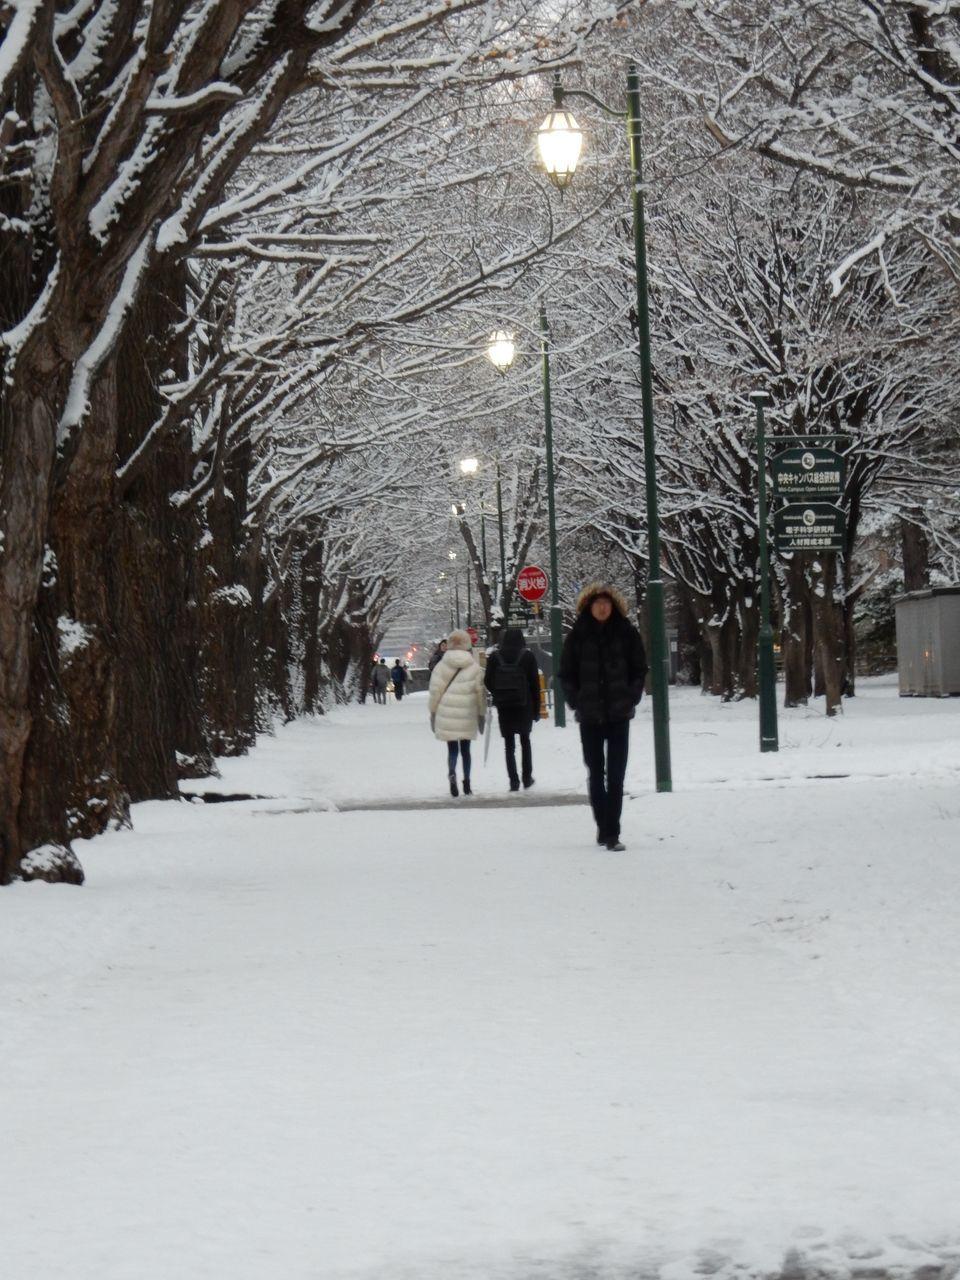 冬景色のキャンパス_c0025115_21443263.jpg